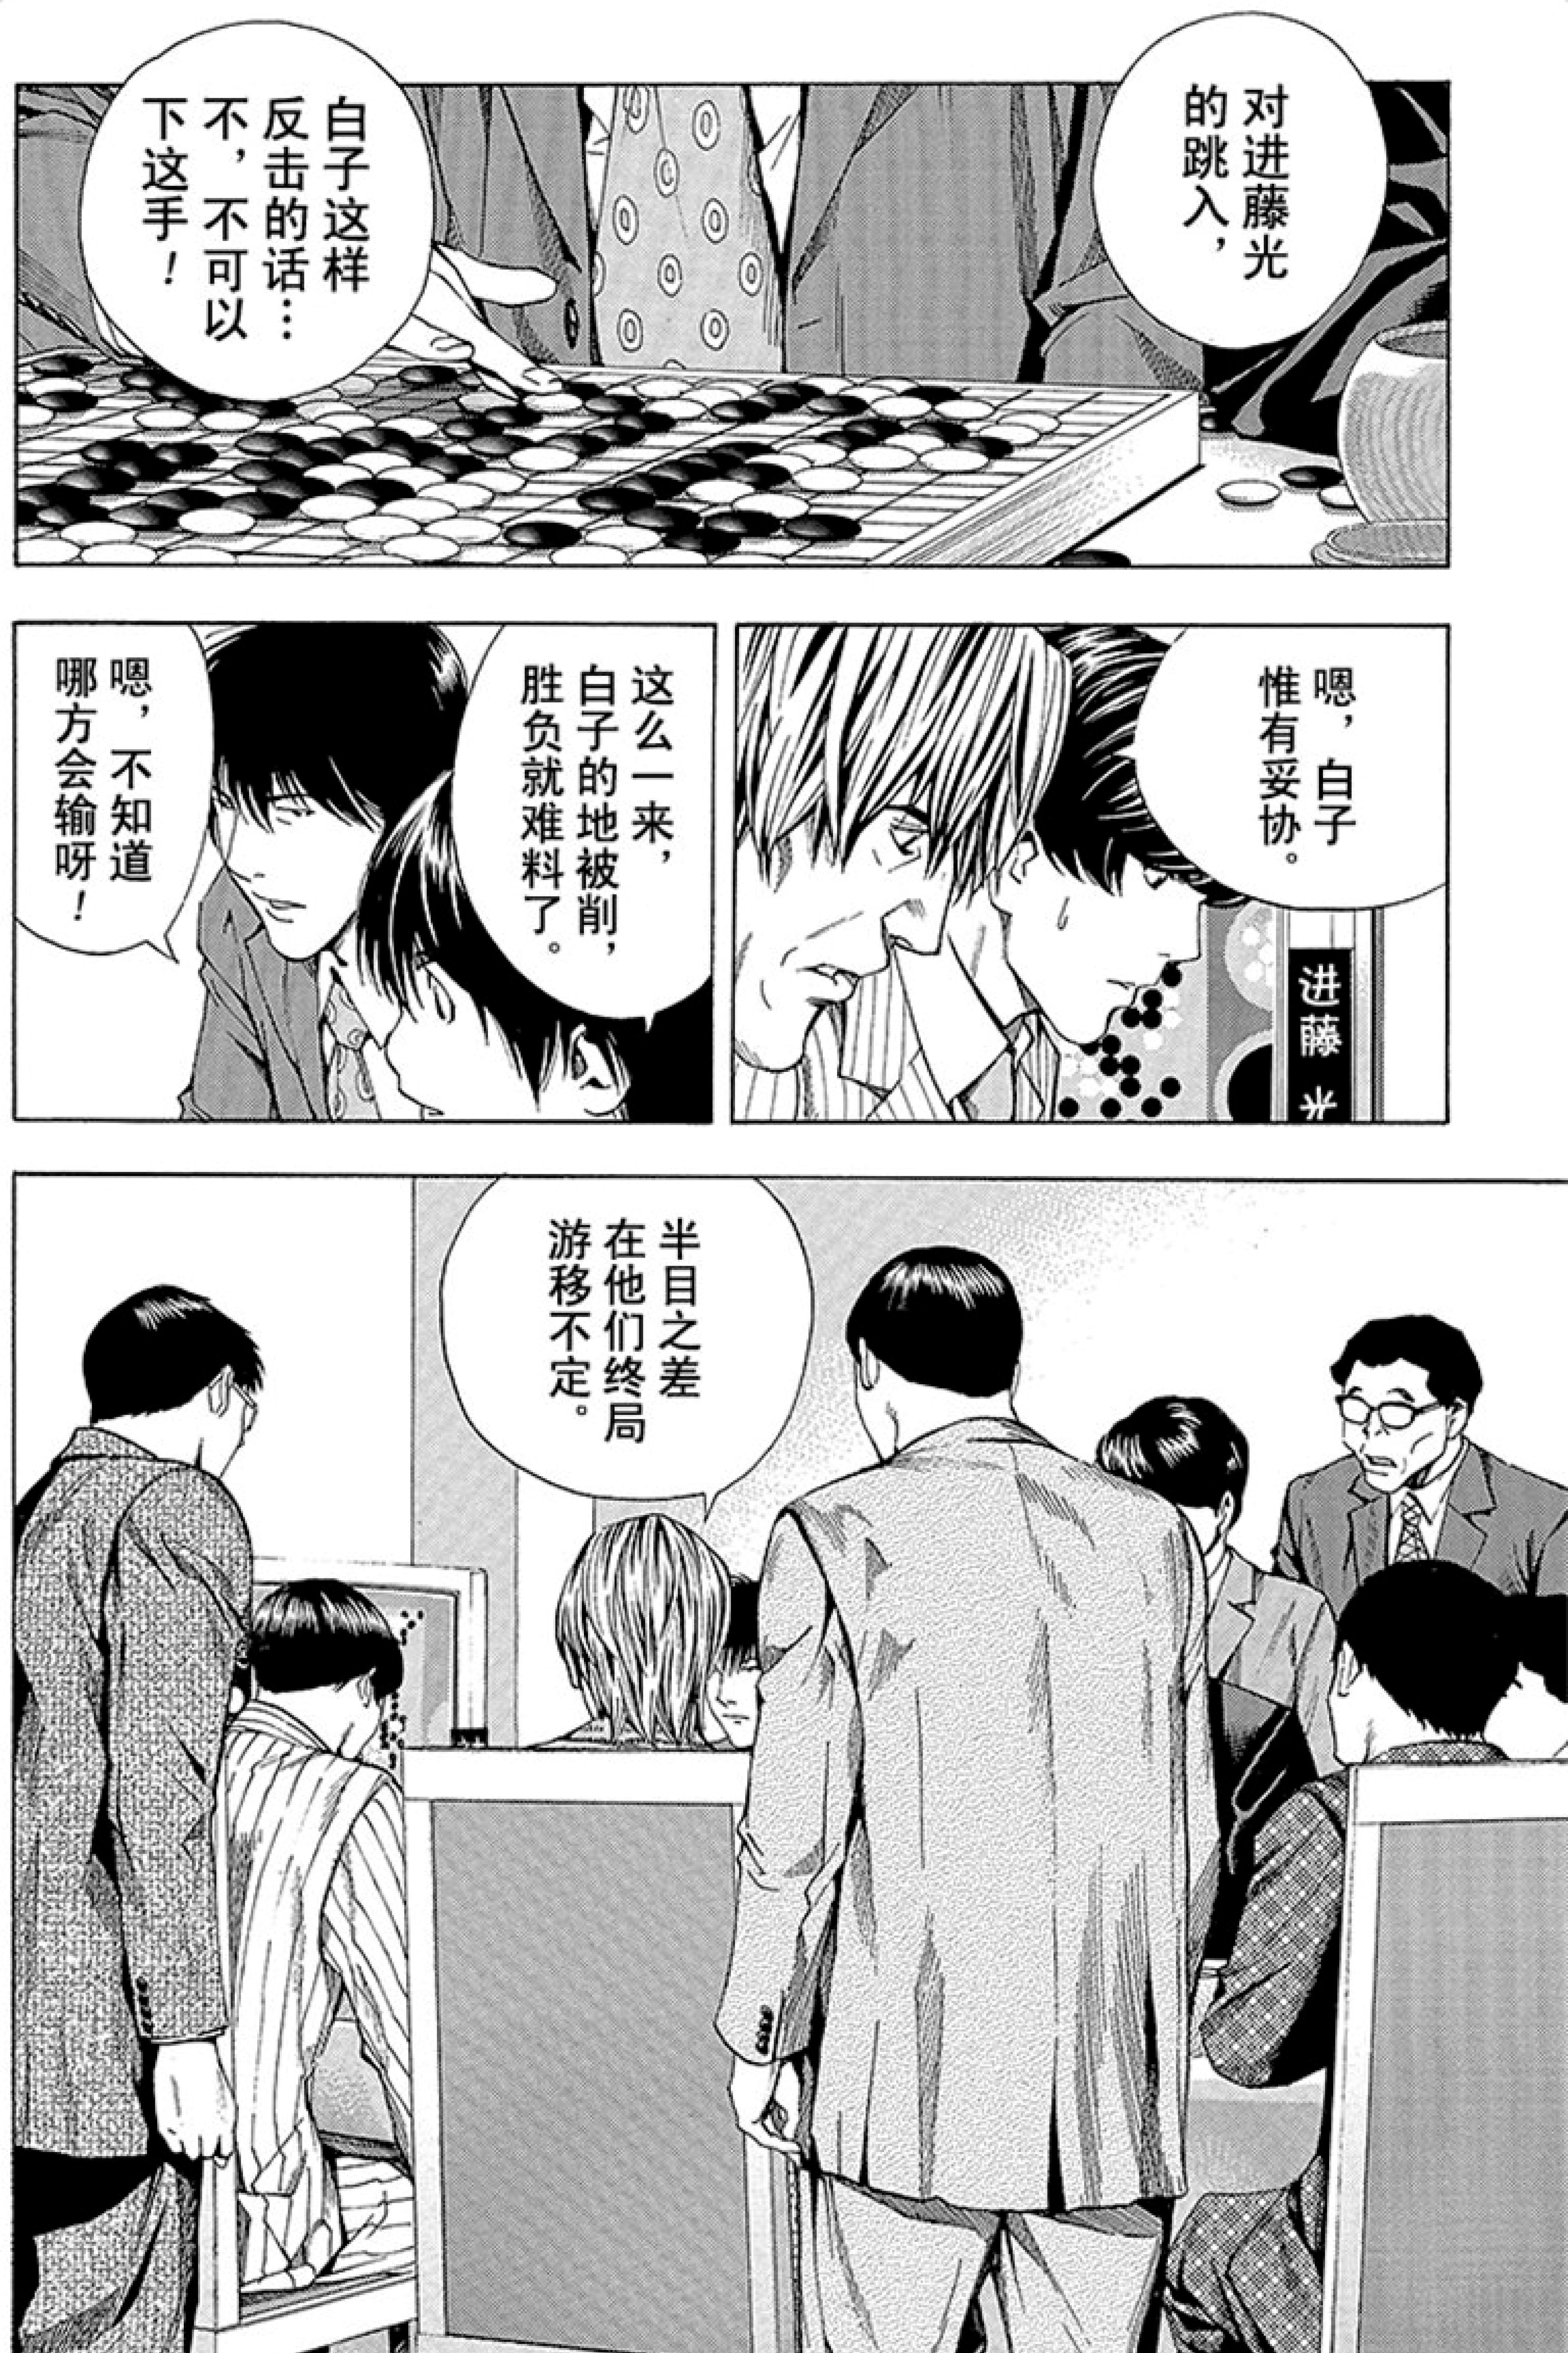 棋魂漫画大结局:太感动了,小光的感言令人想念那个调皮的棋神